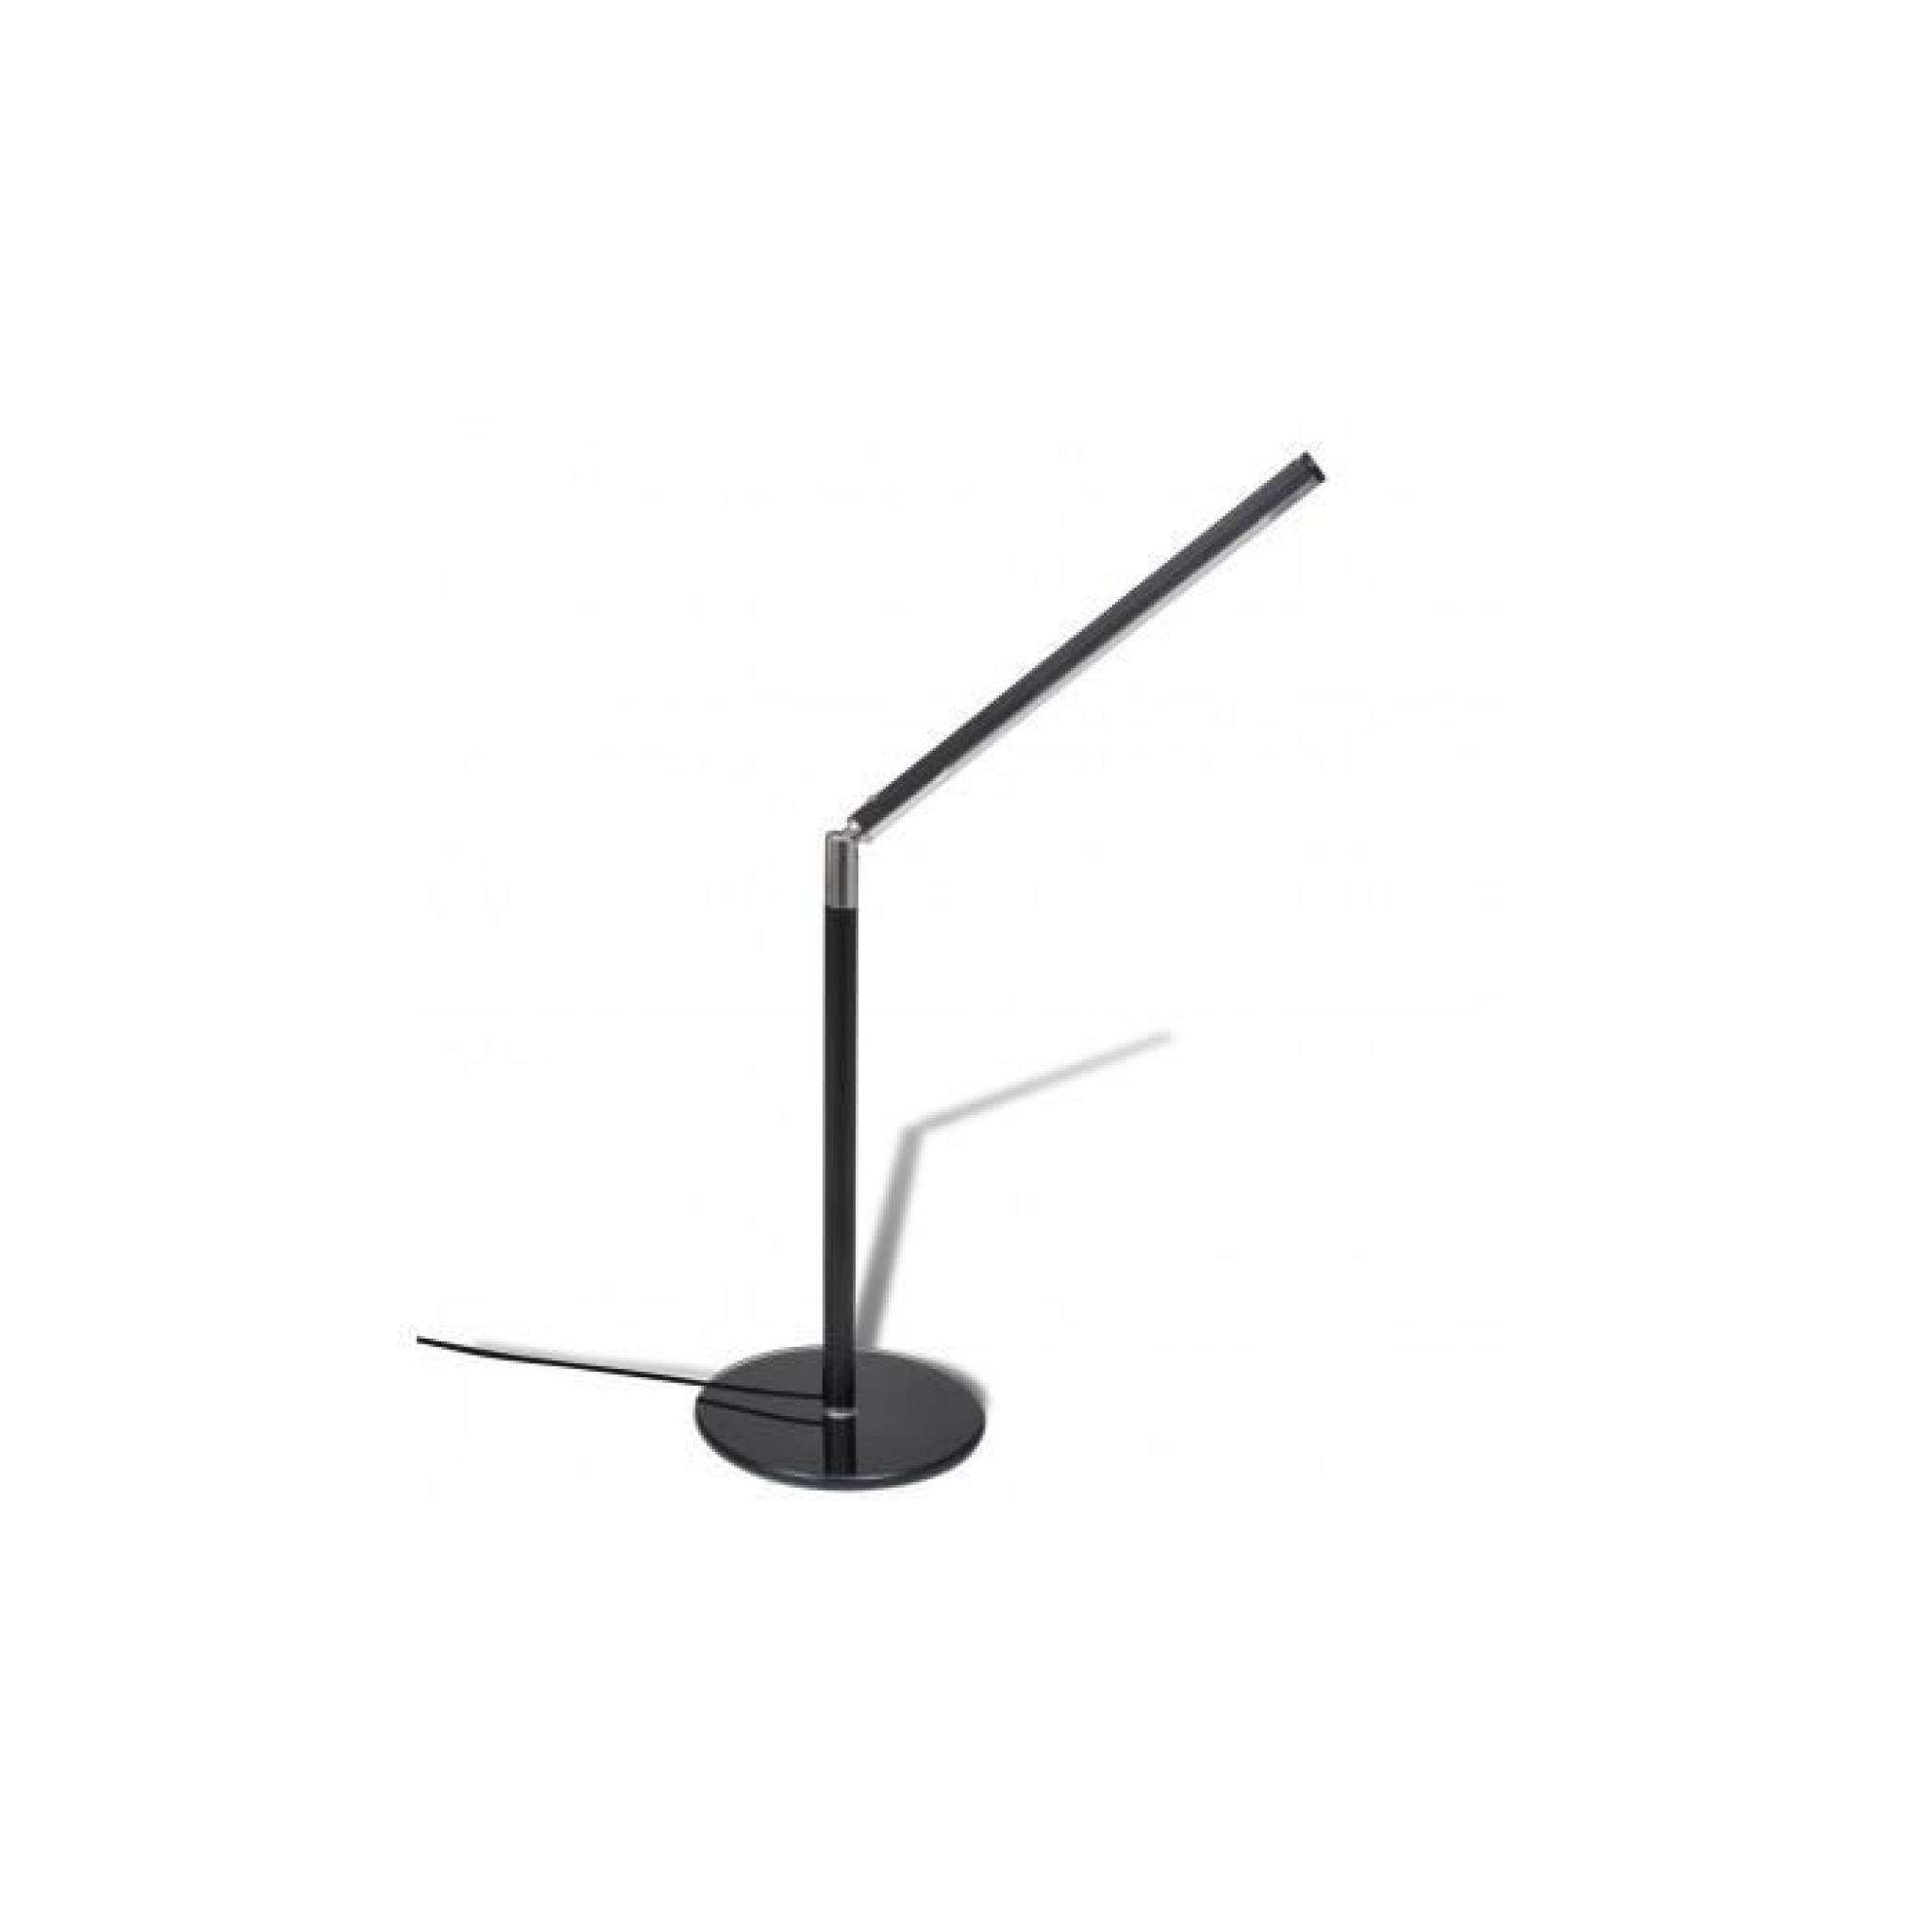 lampe de table noire led luminosit ajustable blanc froid 4w achat vente lampe a poser pas. Black Bedroom Furniture Sets. Home Design Ideas